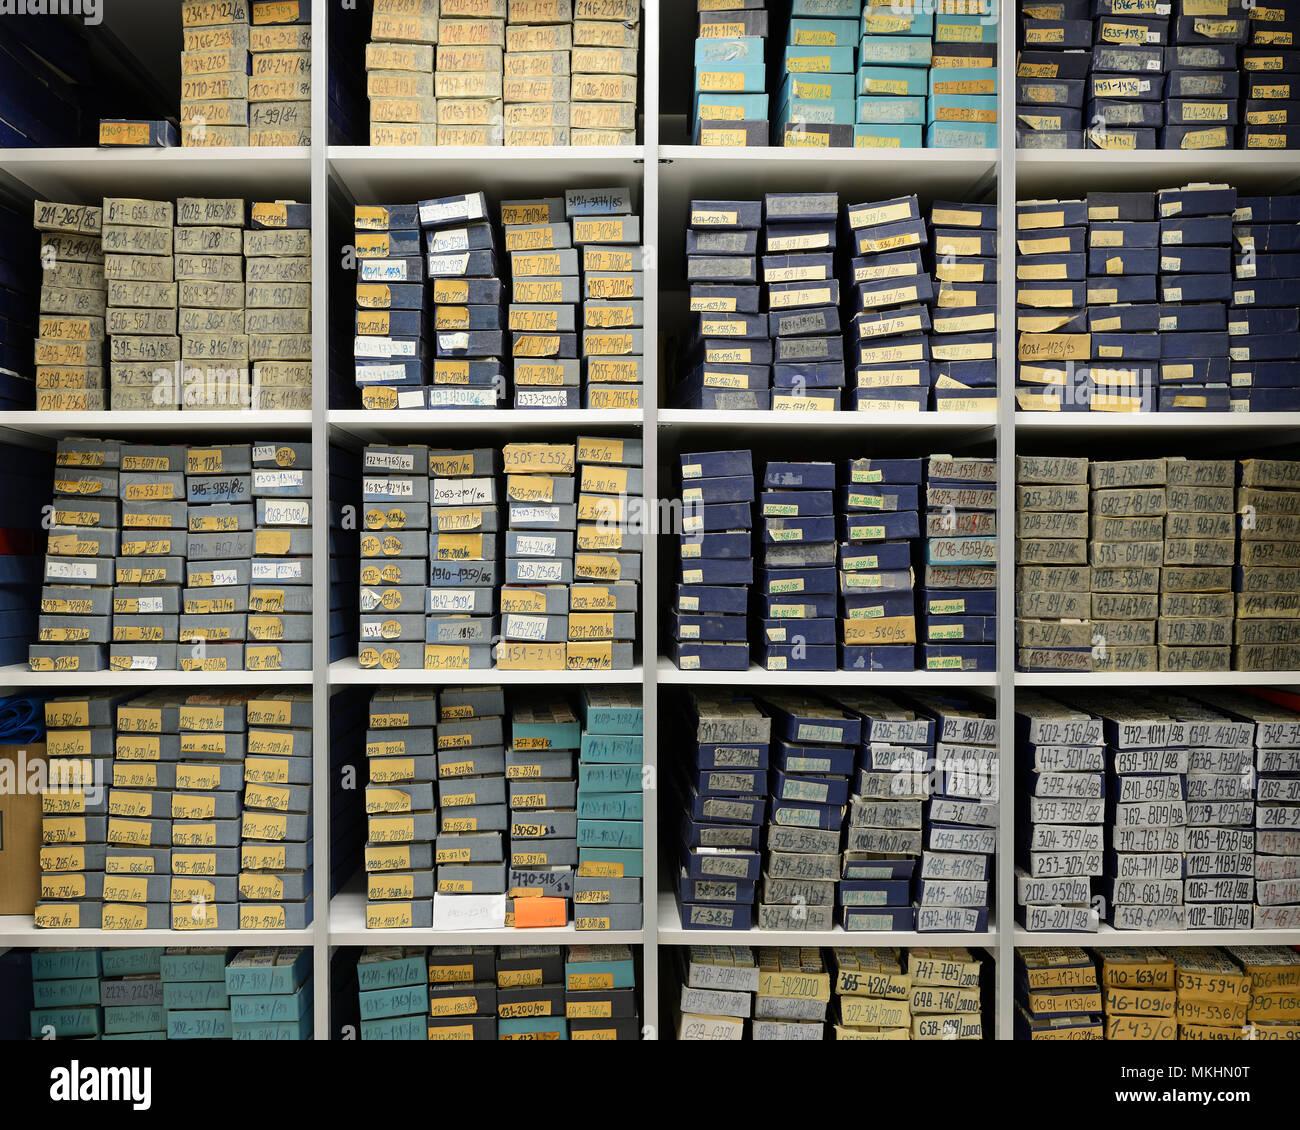 Krankenhaus Archiv der Pathologie Exemplare Stockbild